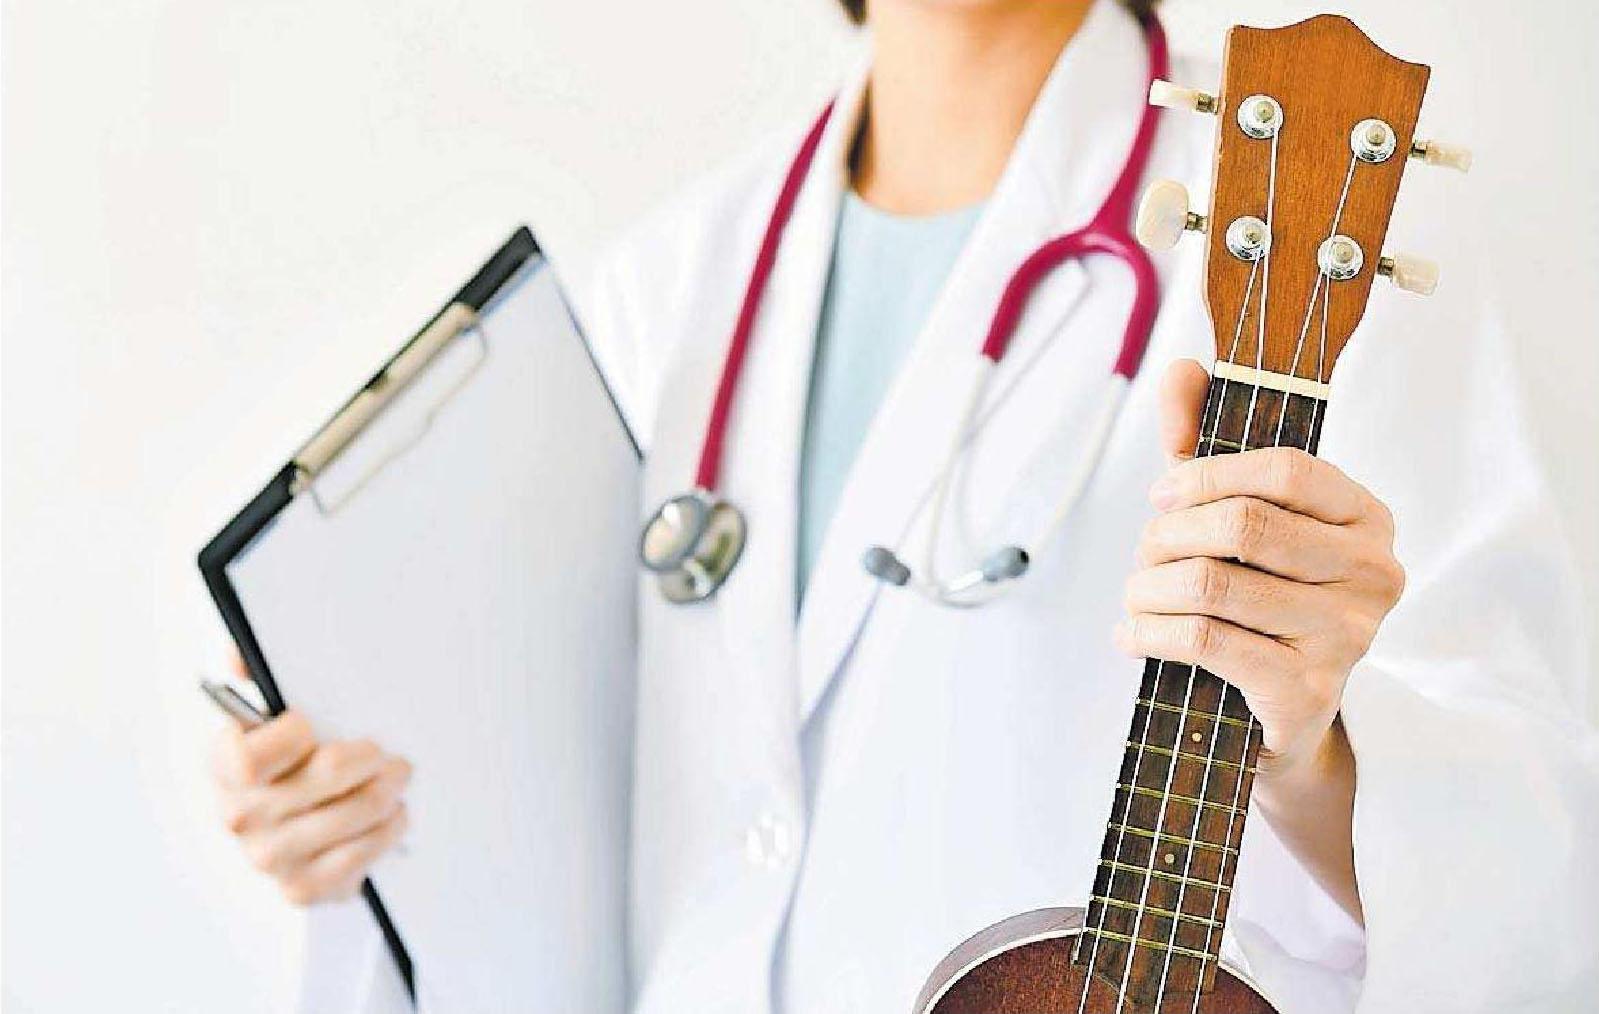 """Gitarre quasi ärztlich verordnet: der Kurs """"Mal' mal Musik"""" im Westpfalz-Klinikum in Kaiserslautern unterstützt junge Patienten bei der Genesung. FOTO: ARTFULLY-79/STOCK.ADOBE.COM"""